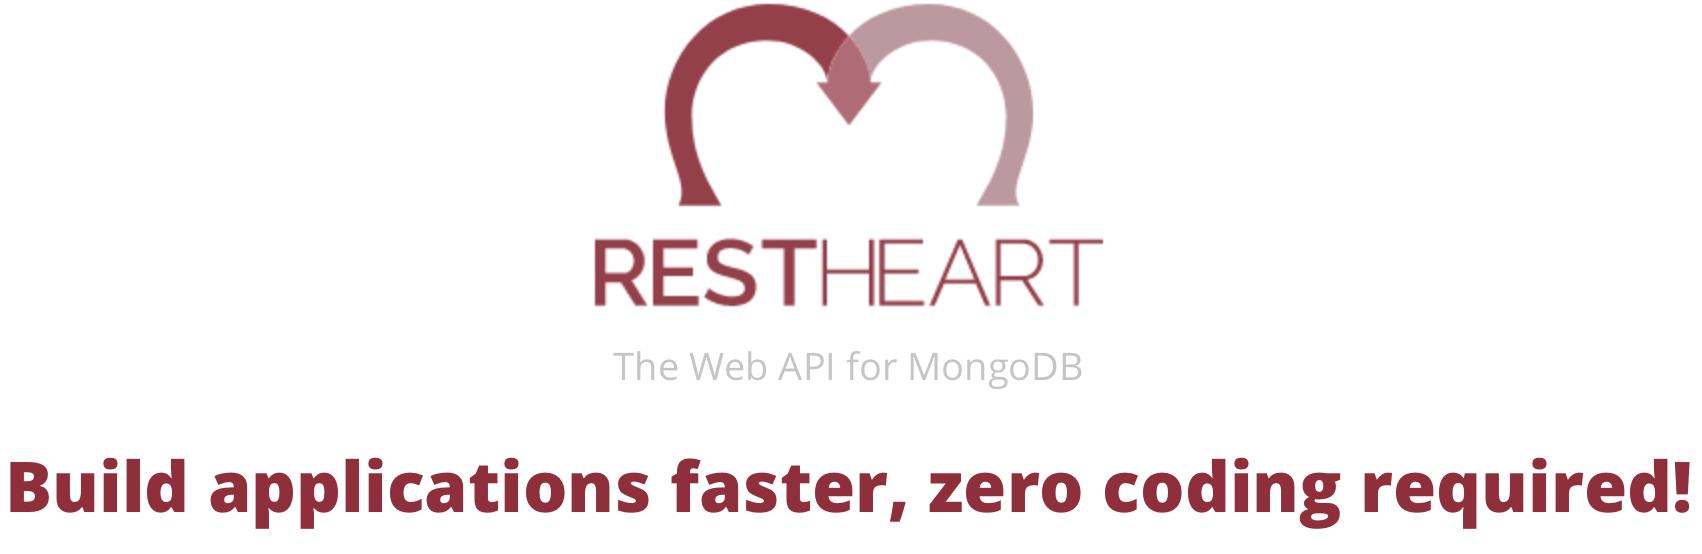 RESTHeart - Web API Server for MongoDB